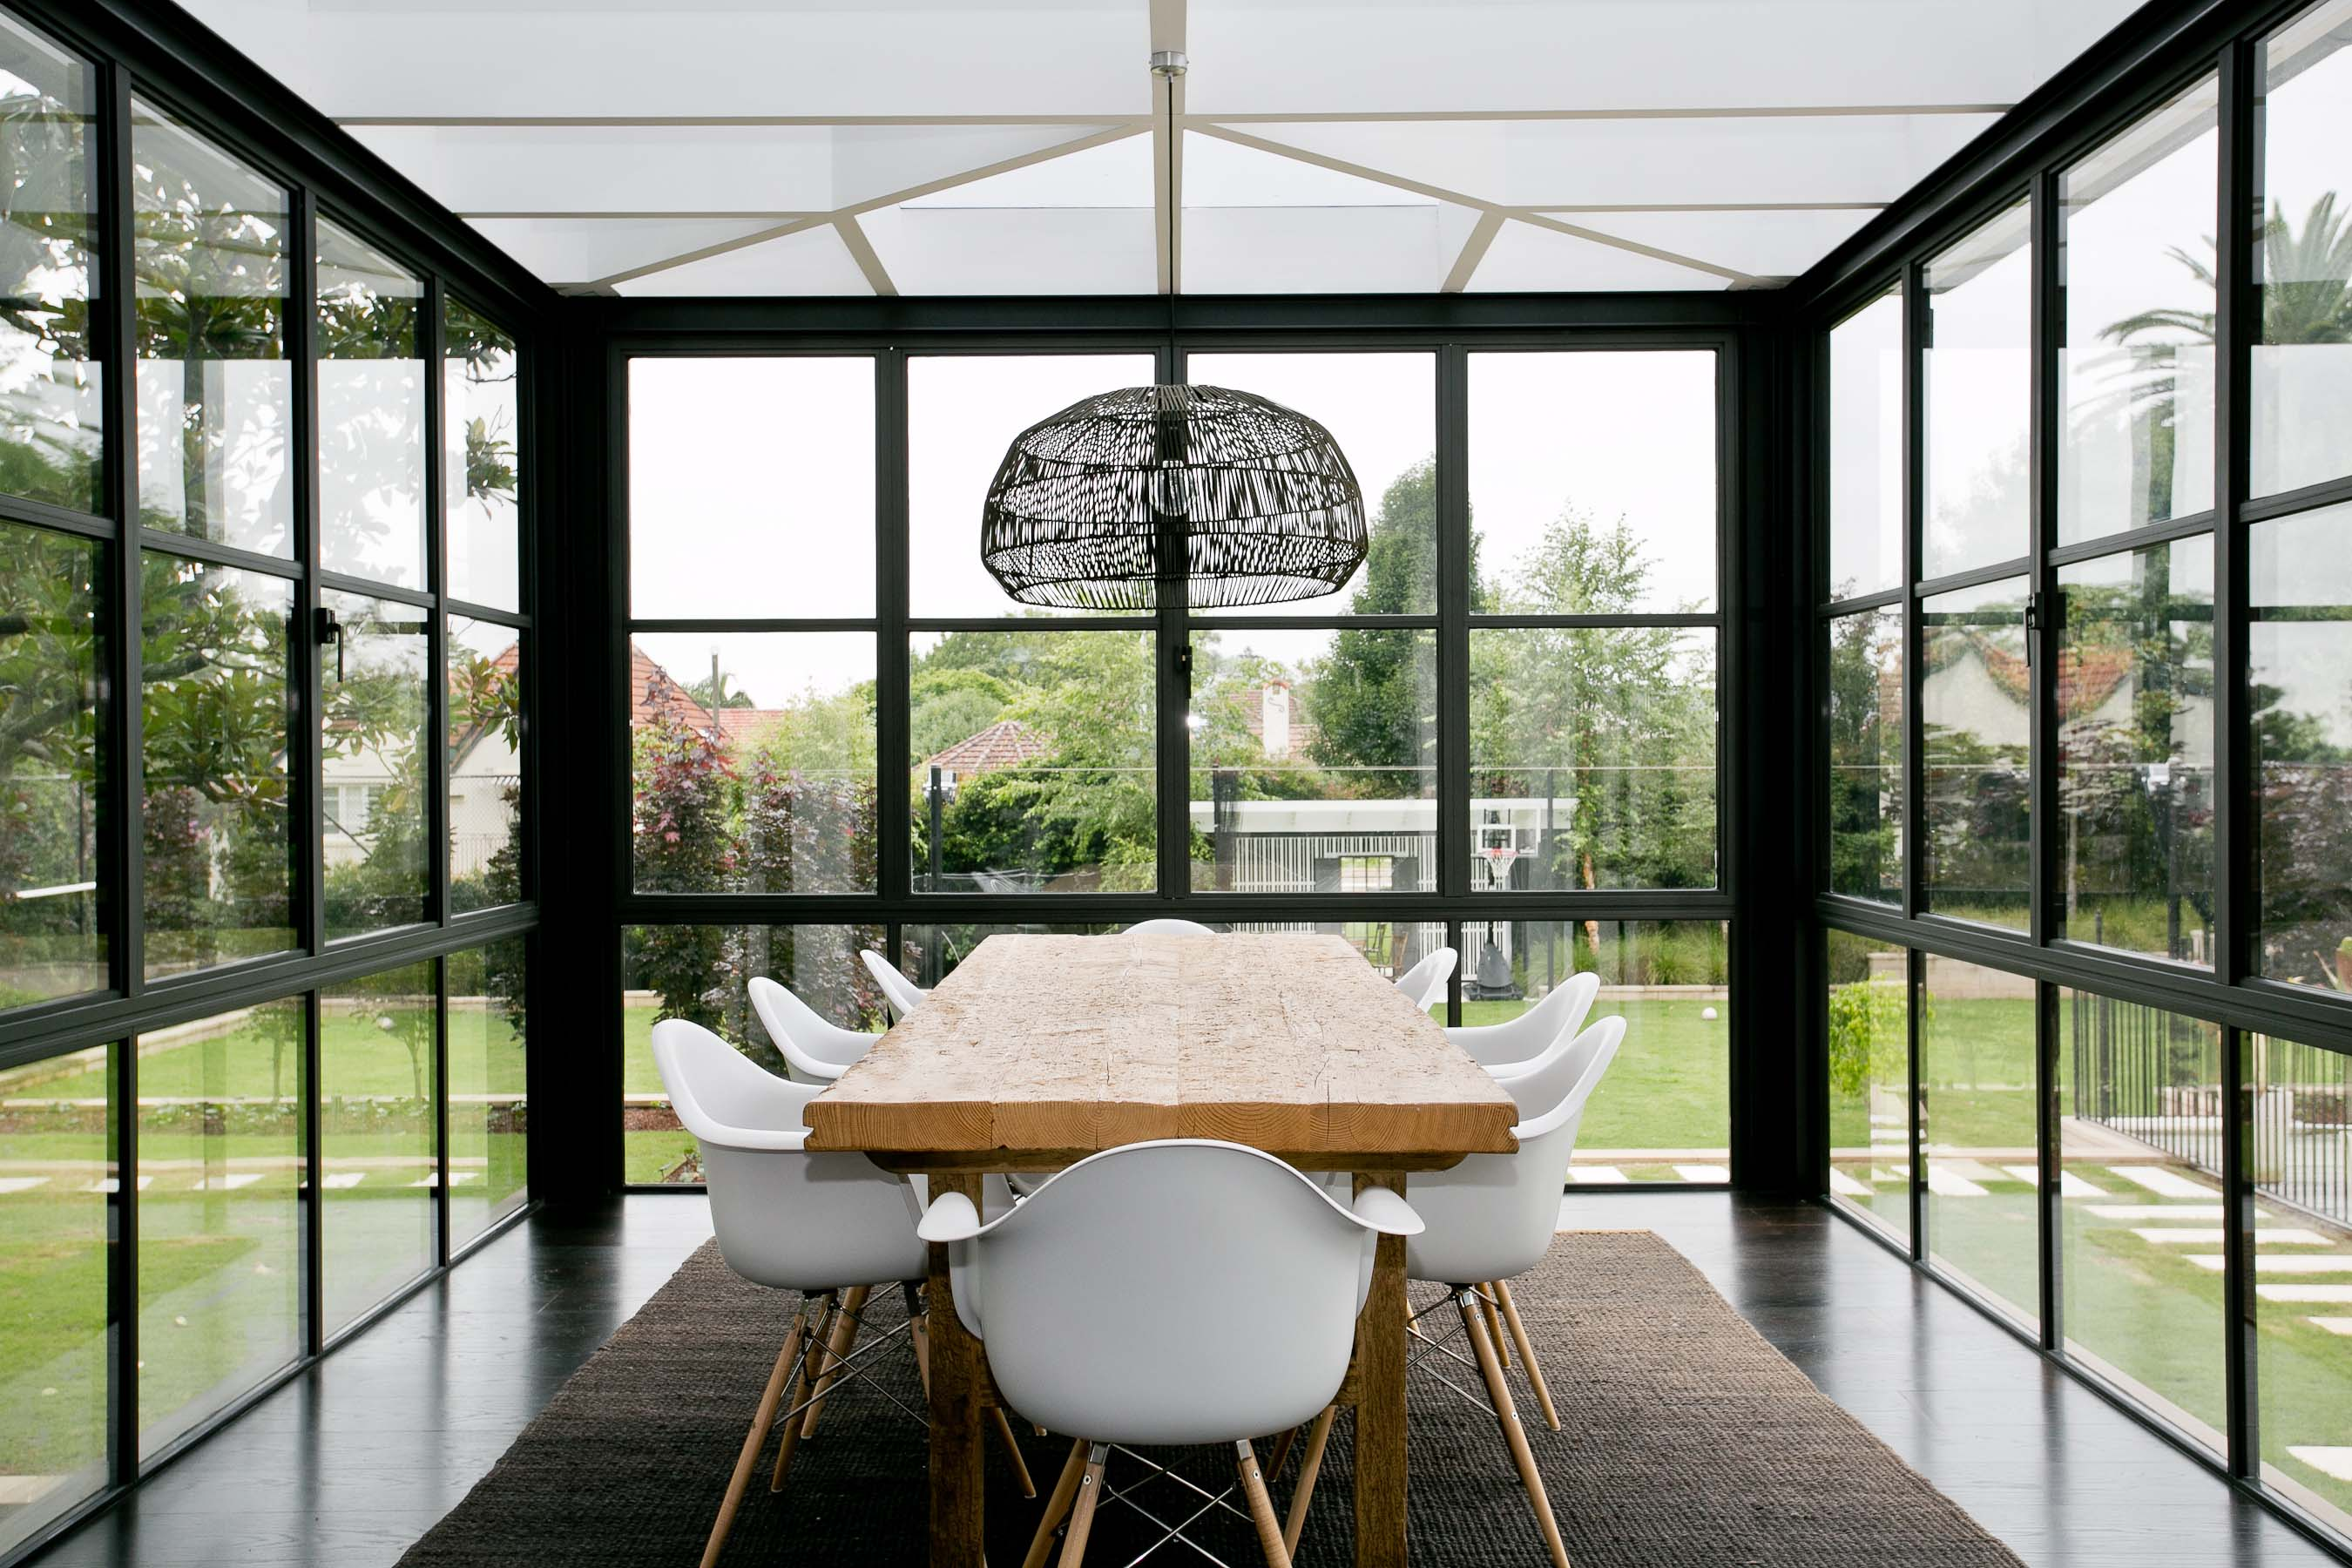 Arredo Balconi E Terrazze verande e giardini d'inverno in stile moderno - living corriere